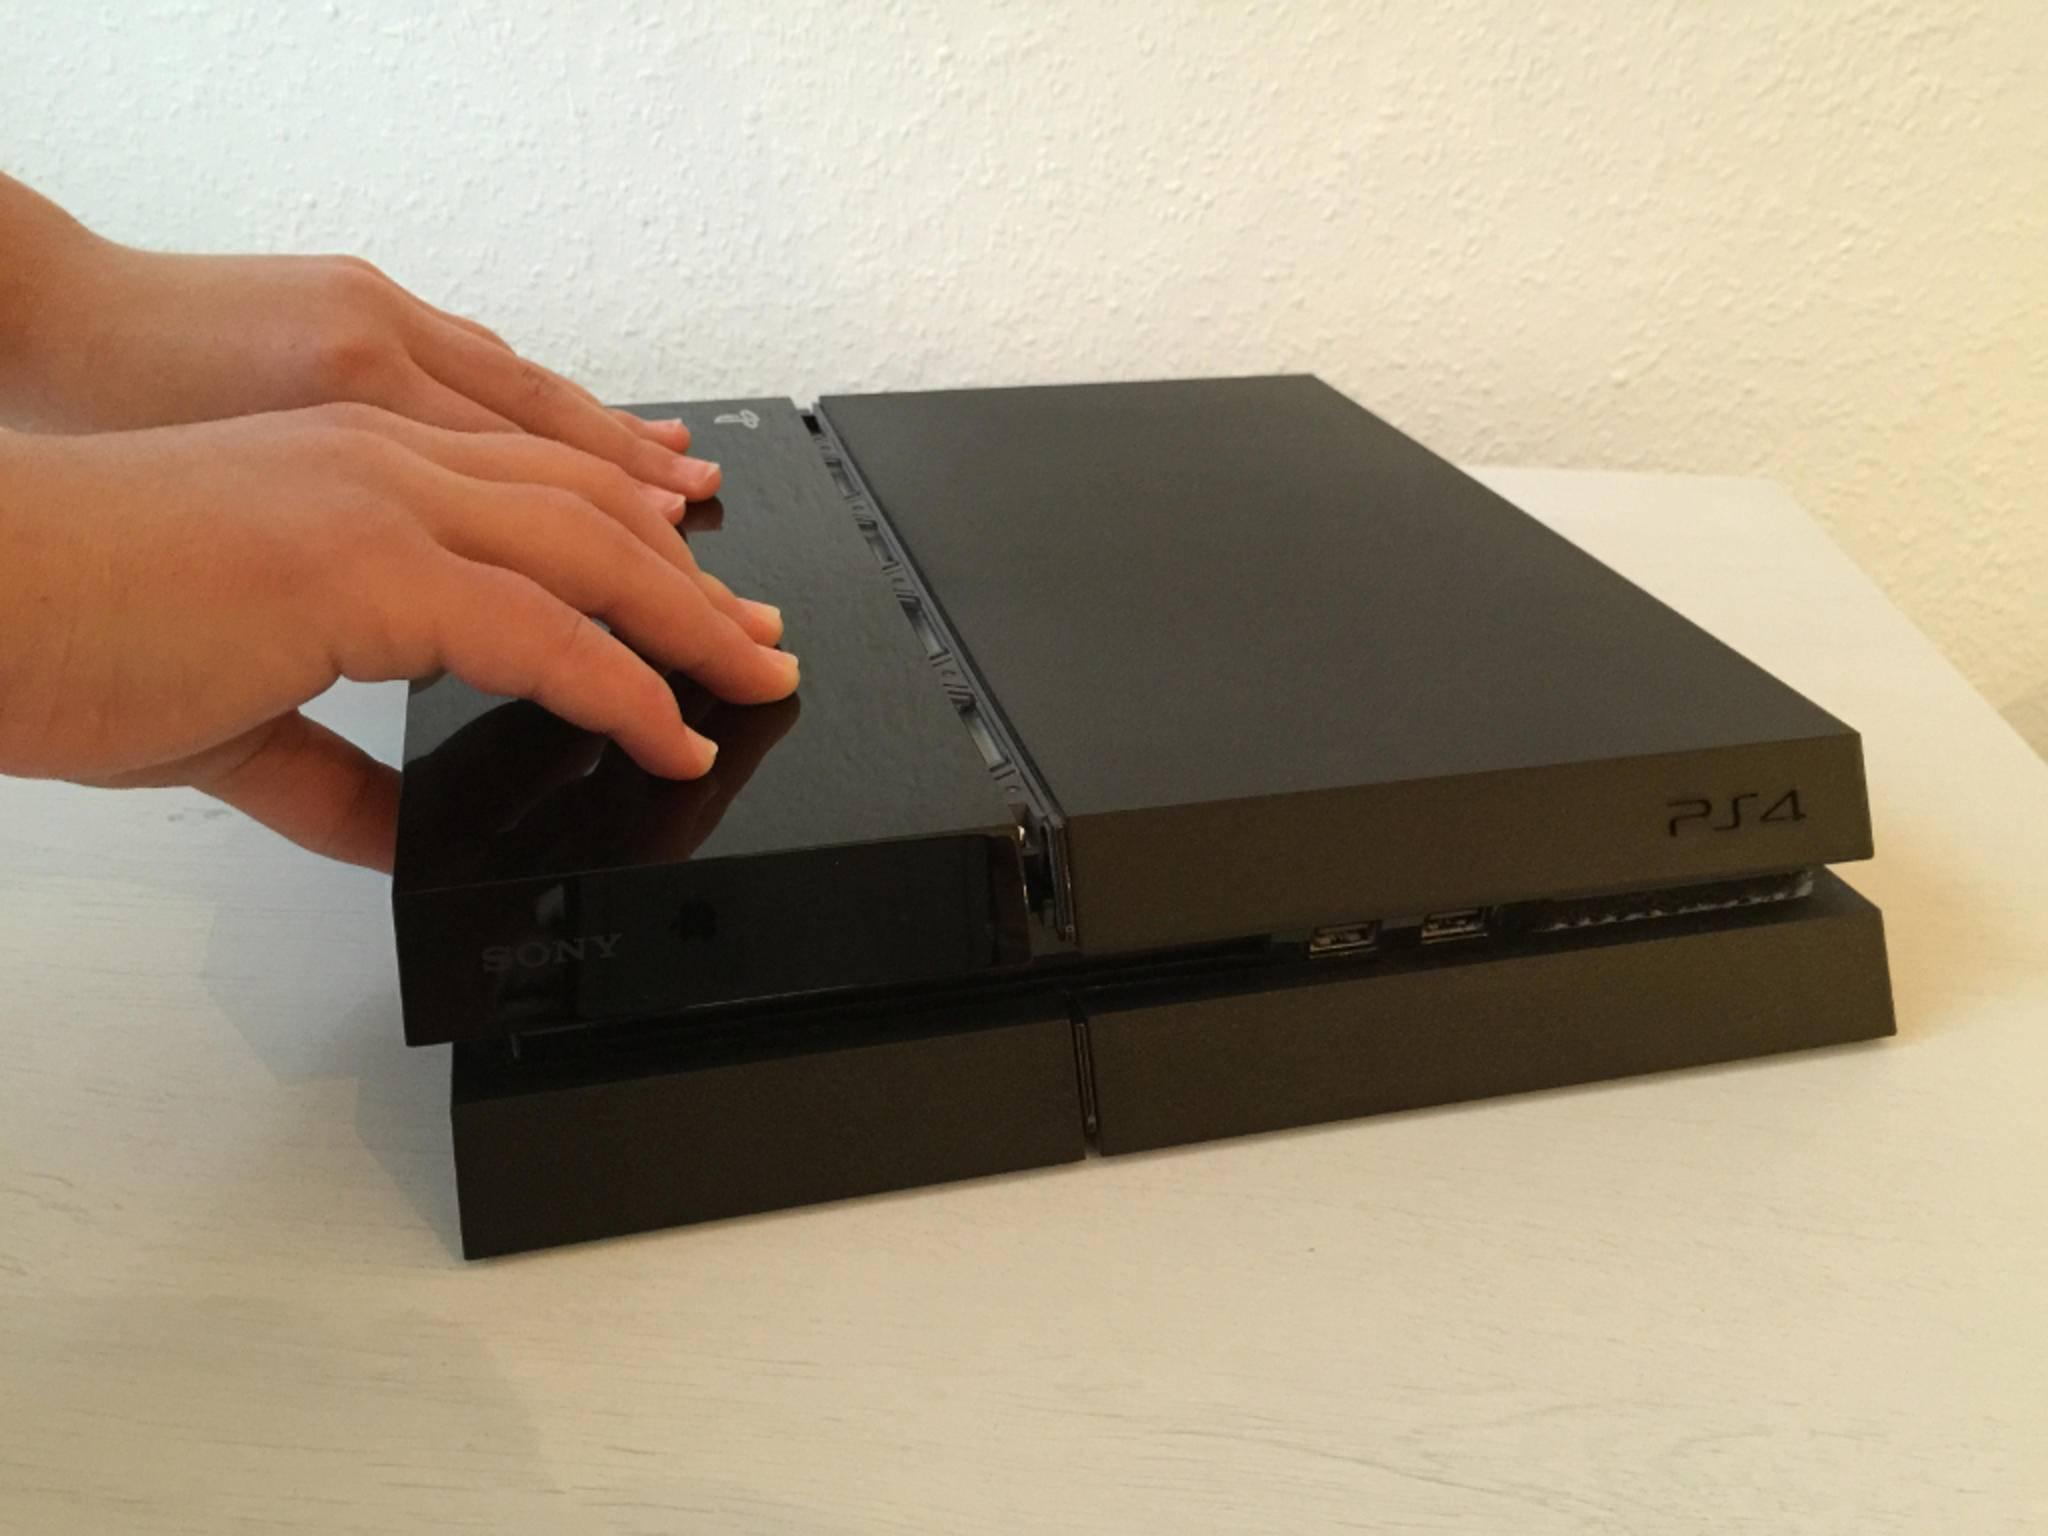 Unter der Klavierlack-Abdeckung verbirgt sich die Festplatte der PS4.